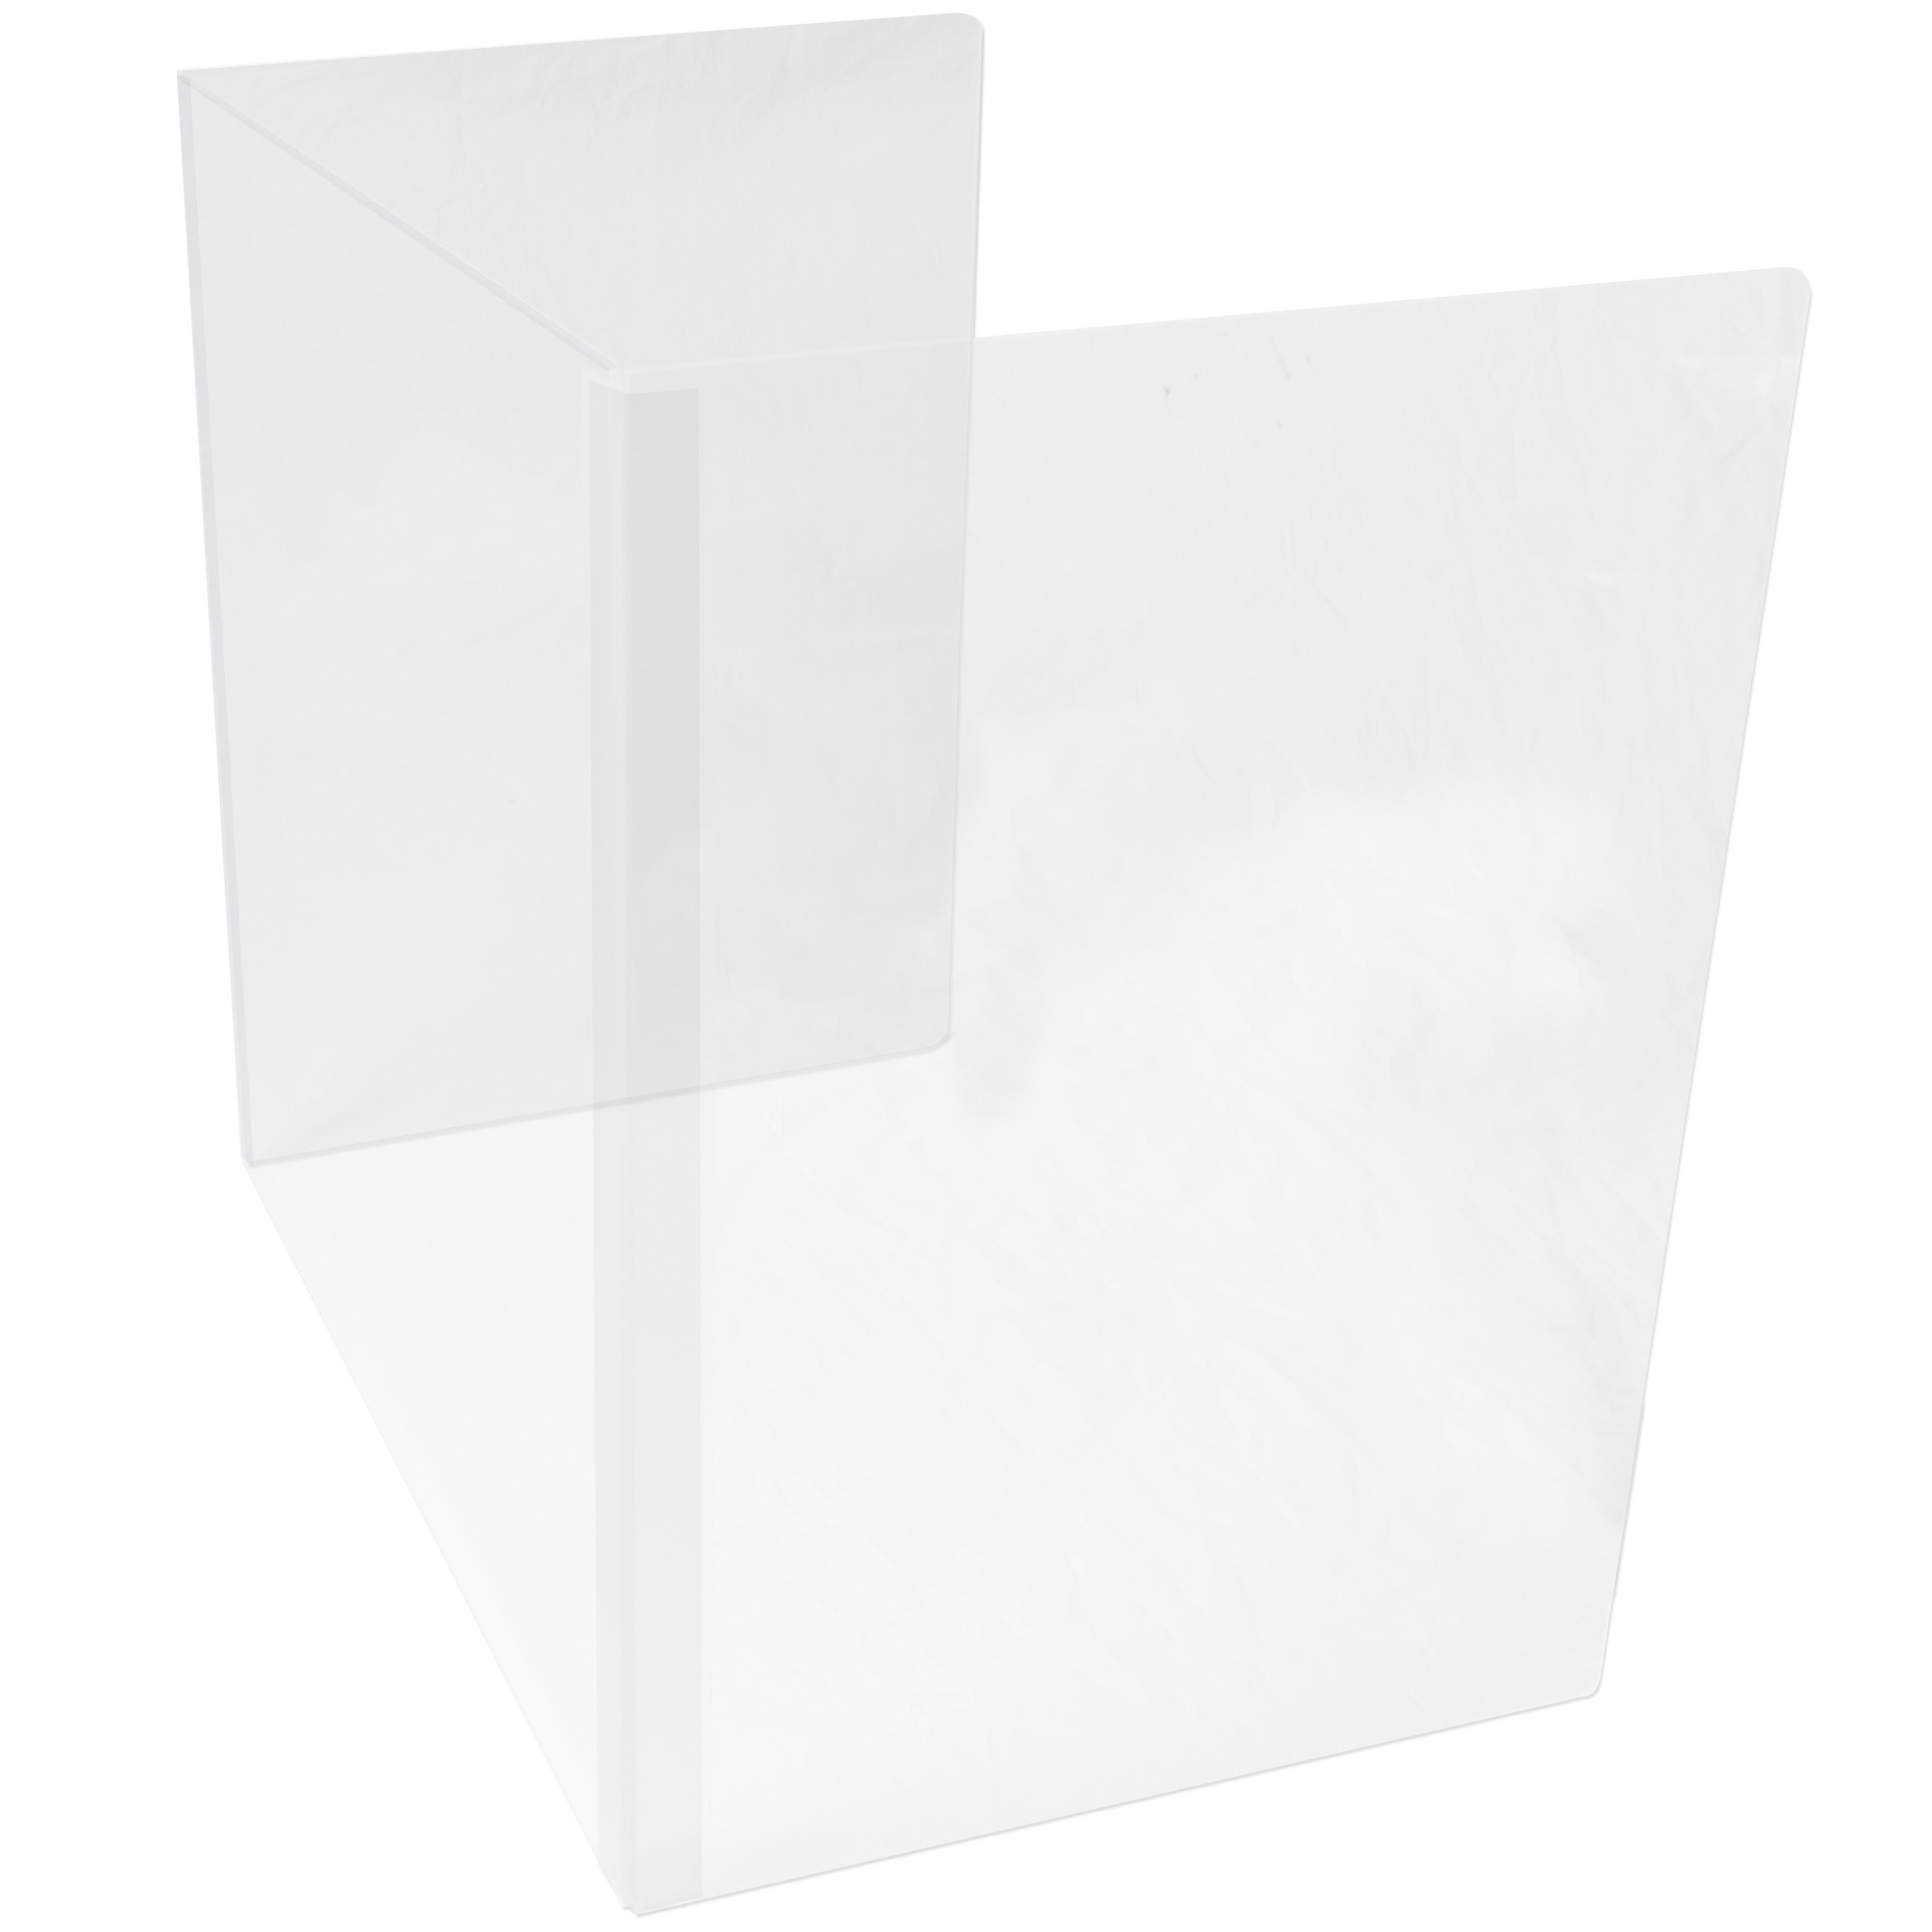 Folding School Desktop Shield